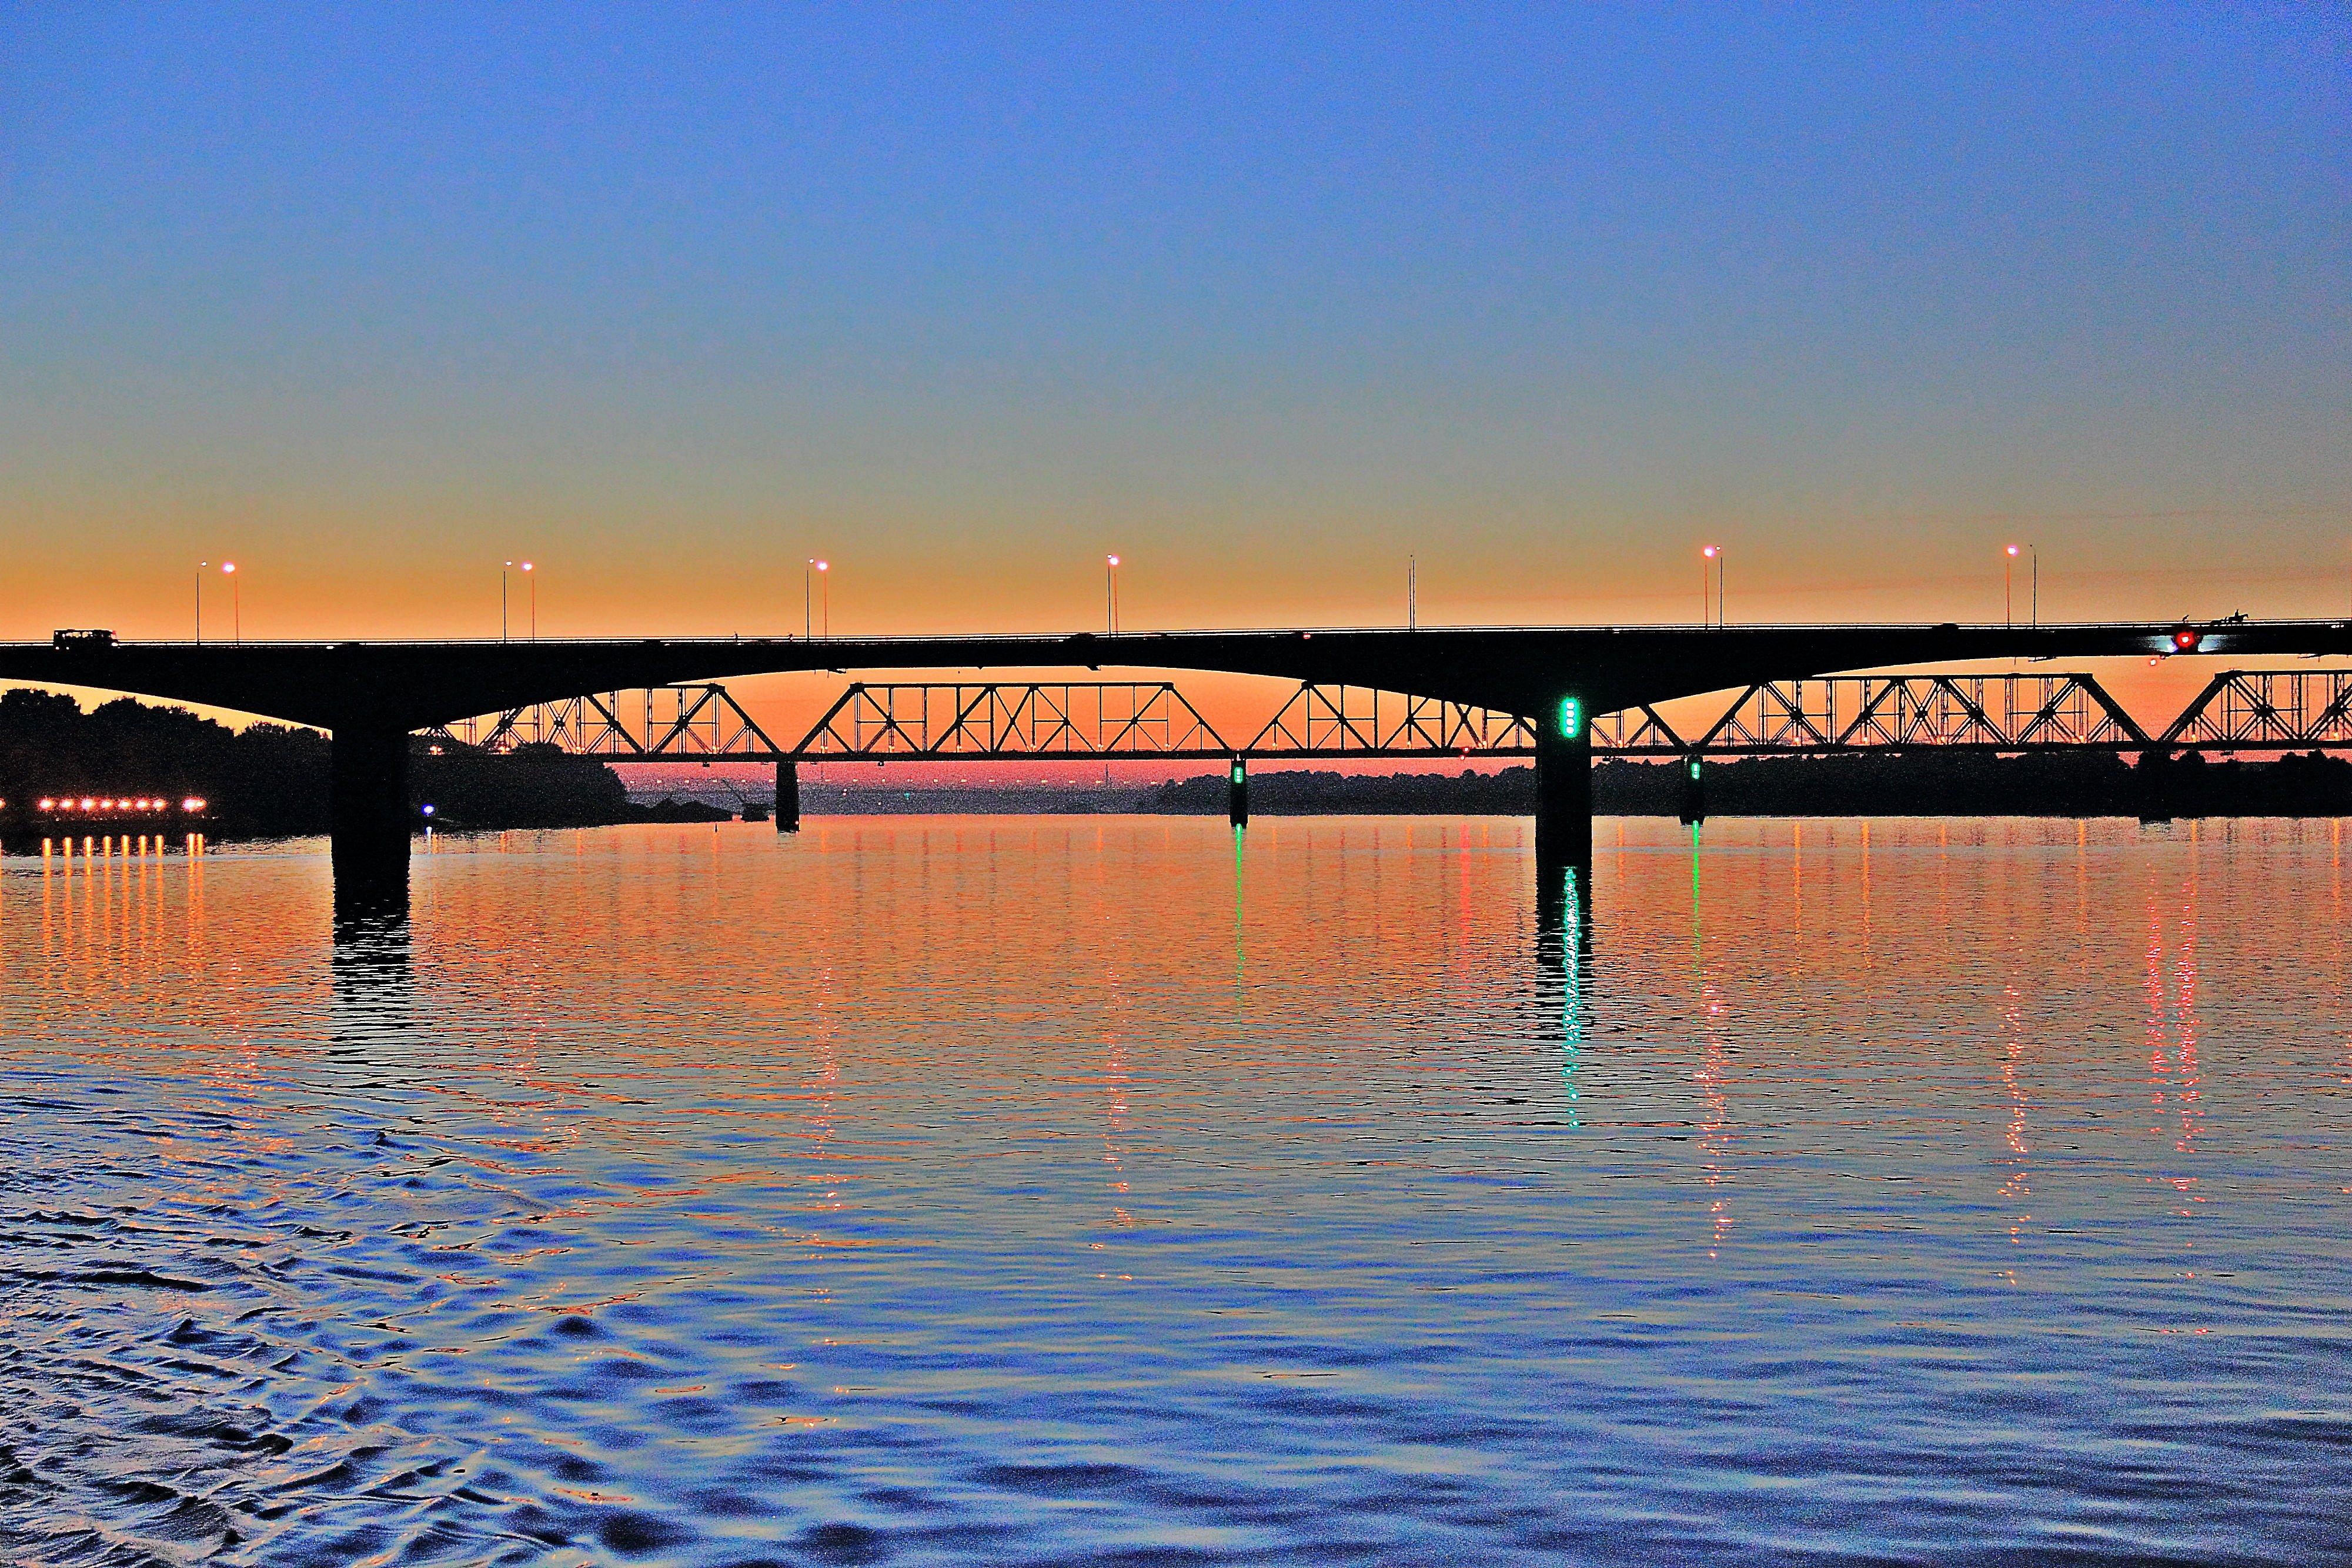 фото мостов ярославль своего